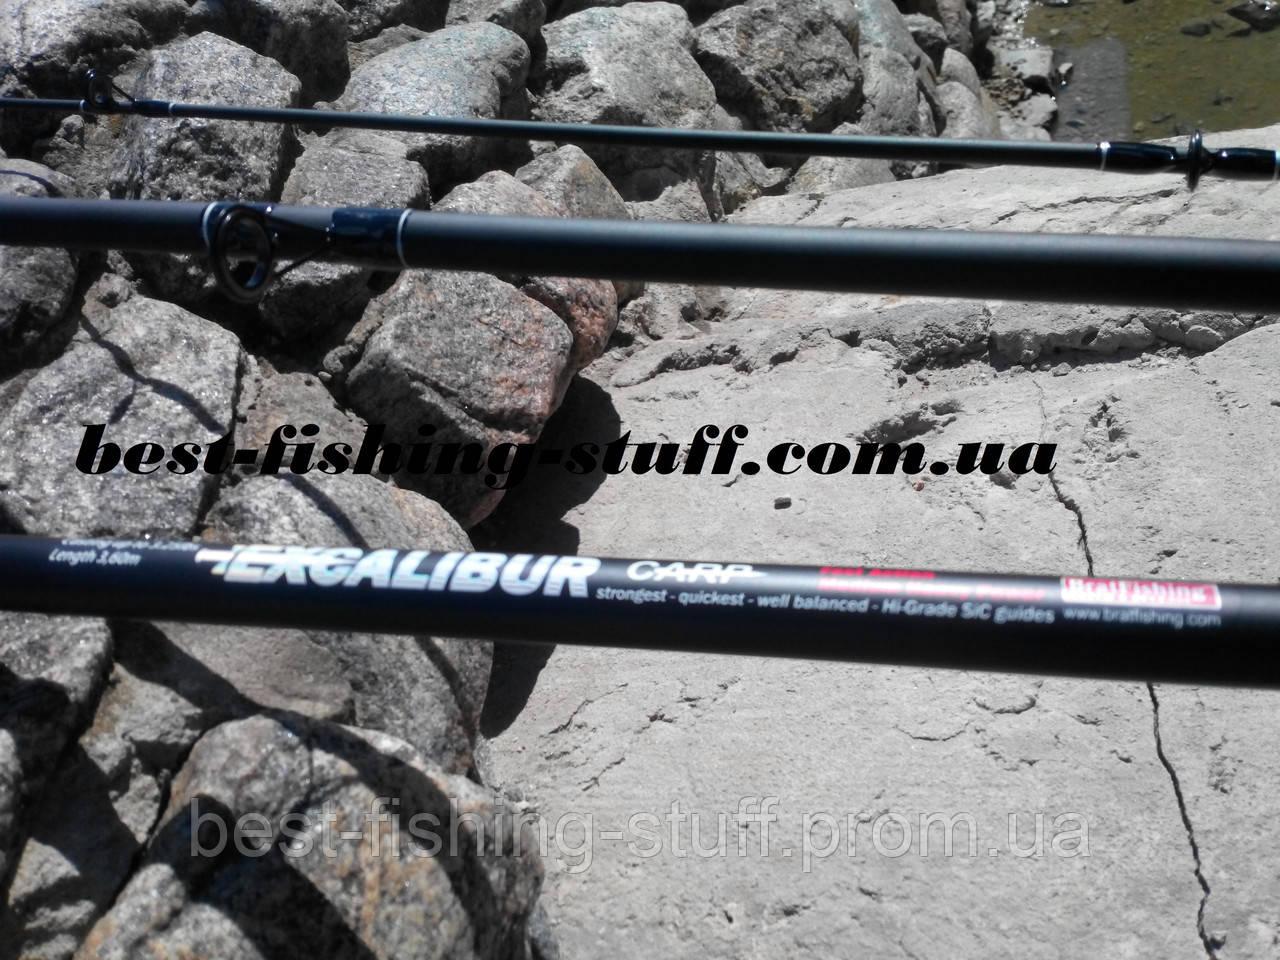 Карповое удилище BratFishing Excalibur Carp 3.6м (3.25lbs)